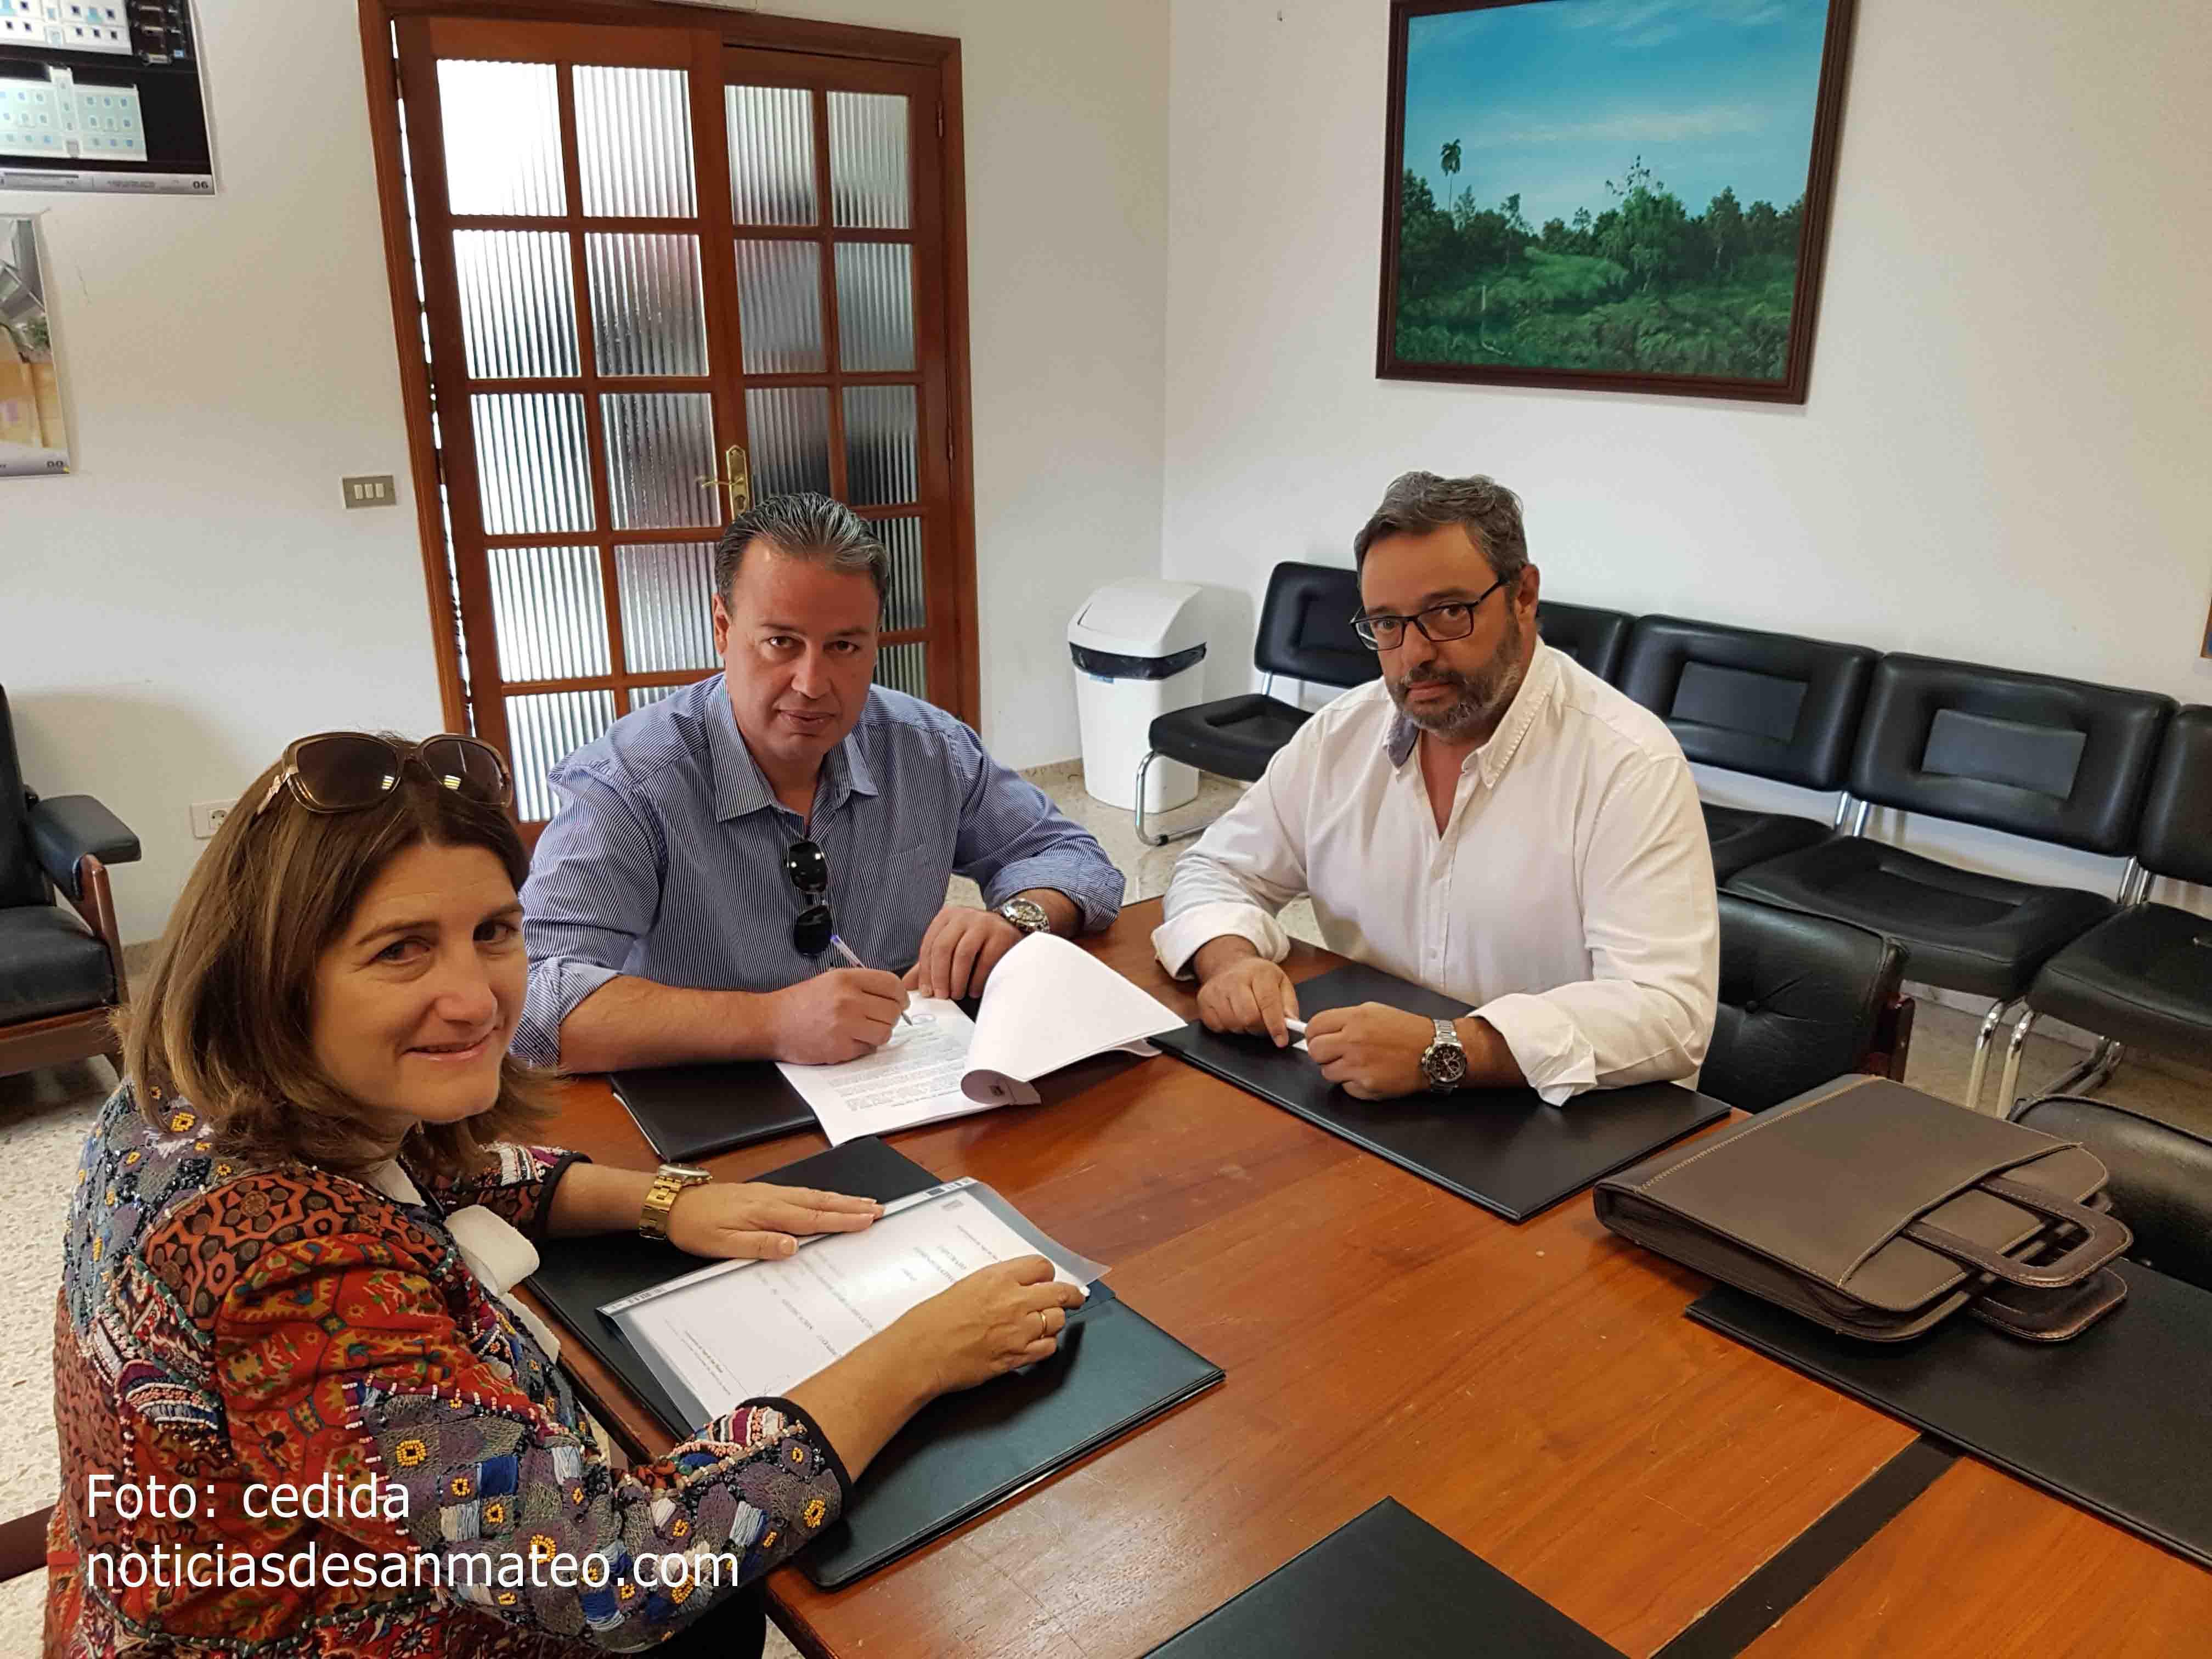 Firma OHL y Ayto San Mateo obra plaza del pueblo Noticias de San Mateo Laura Miranda